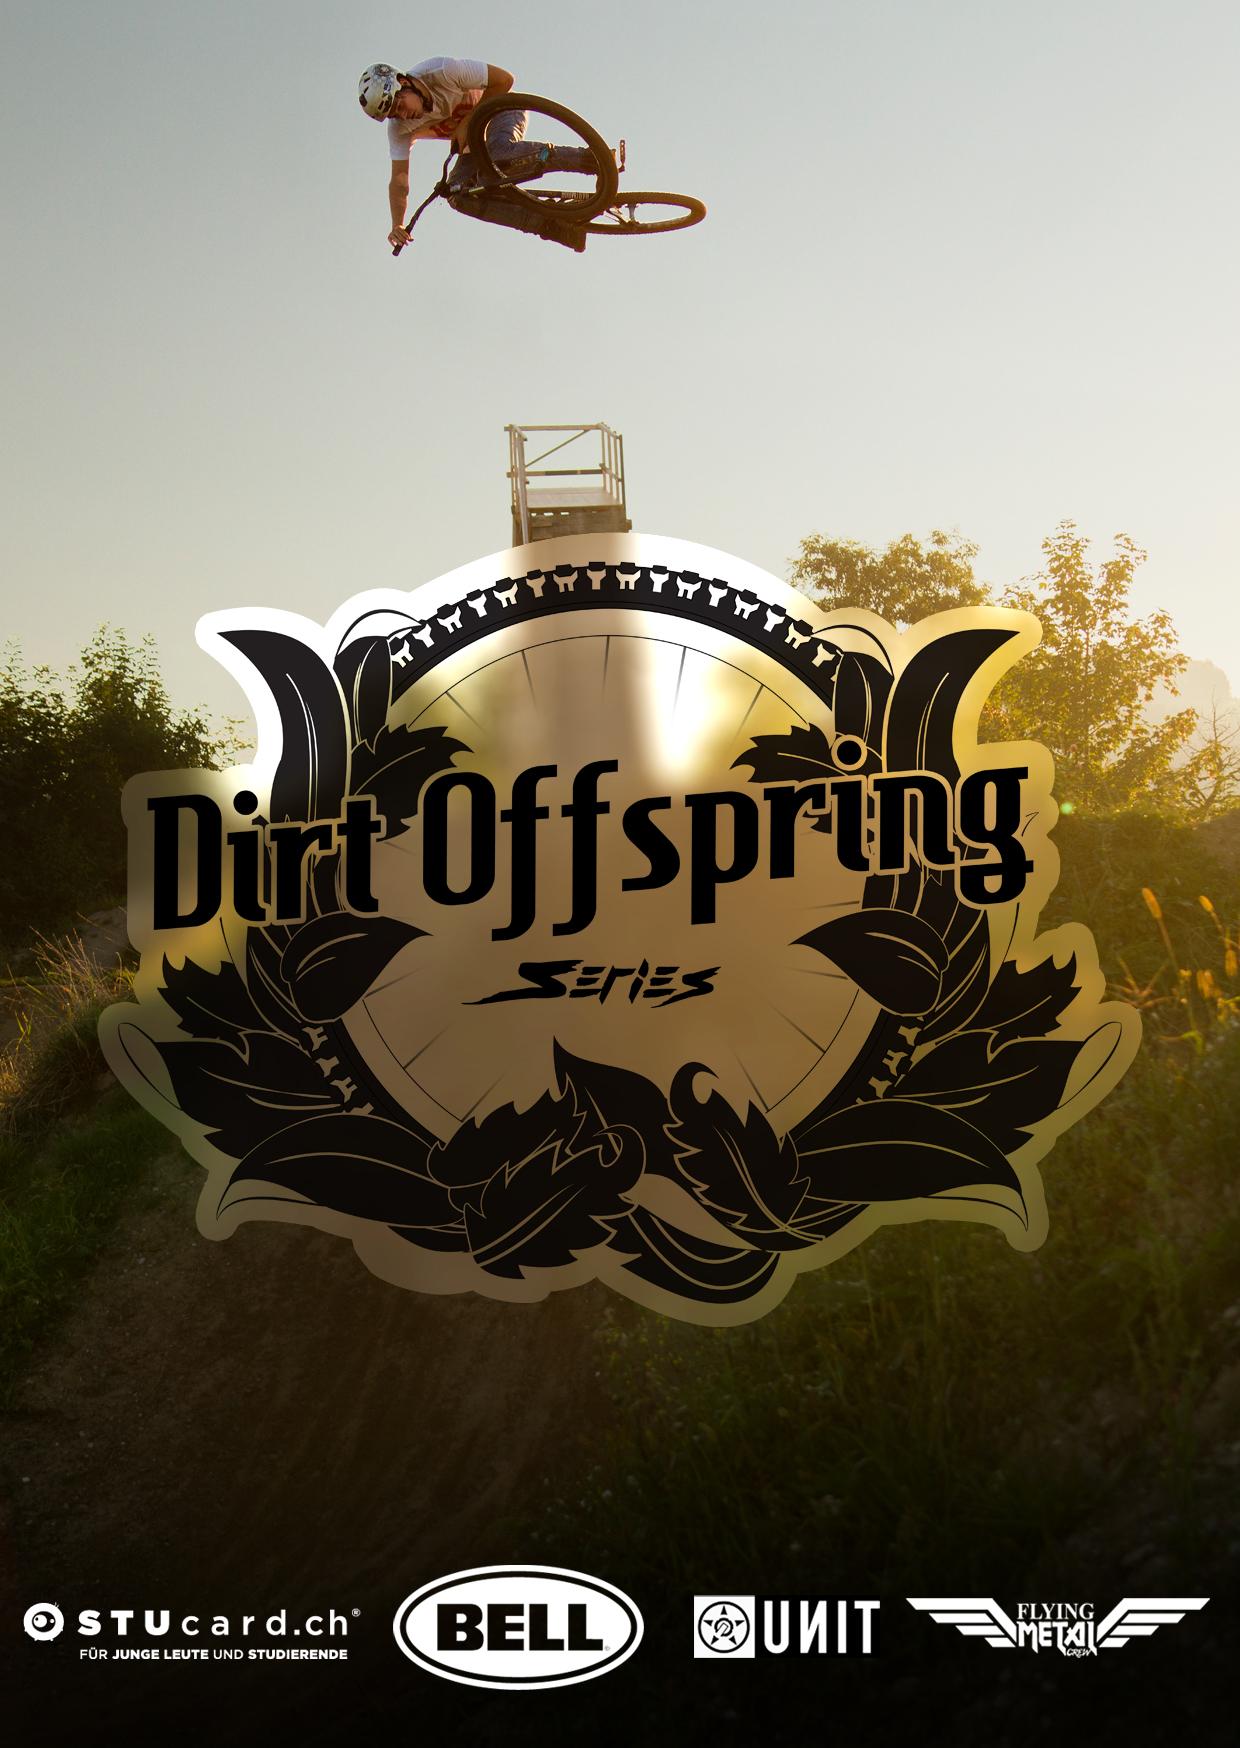 Dirt Offspring Series